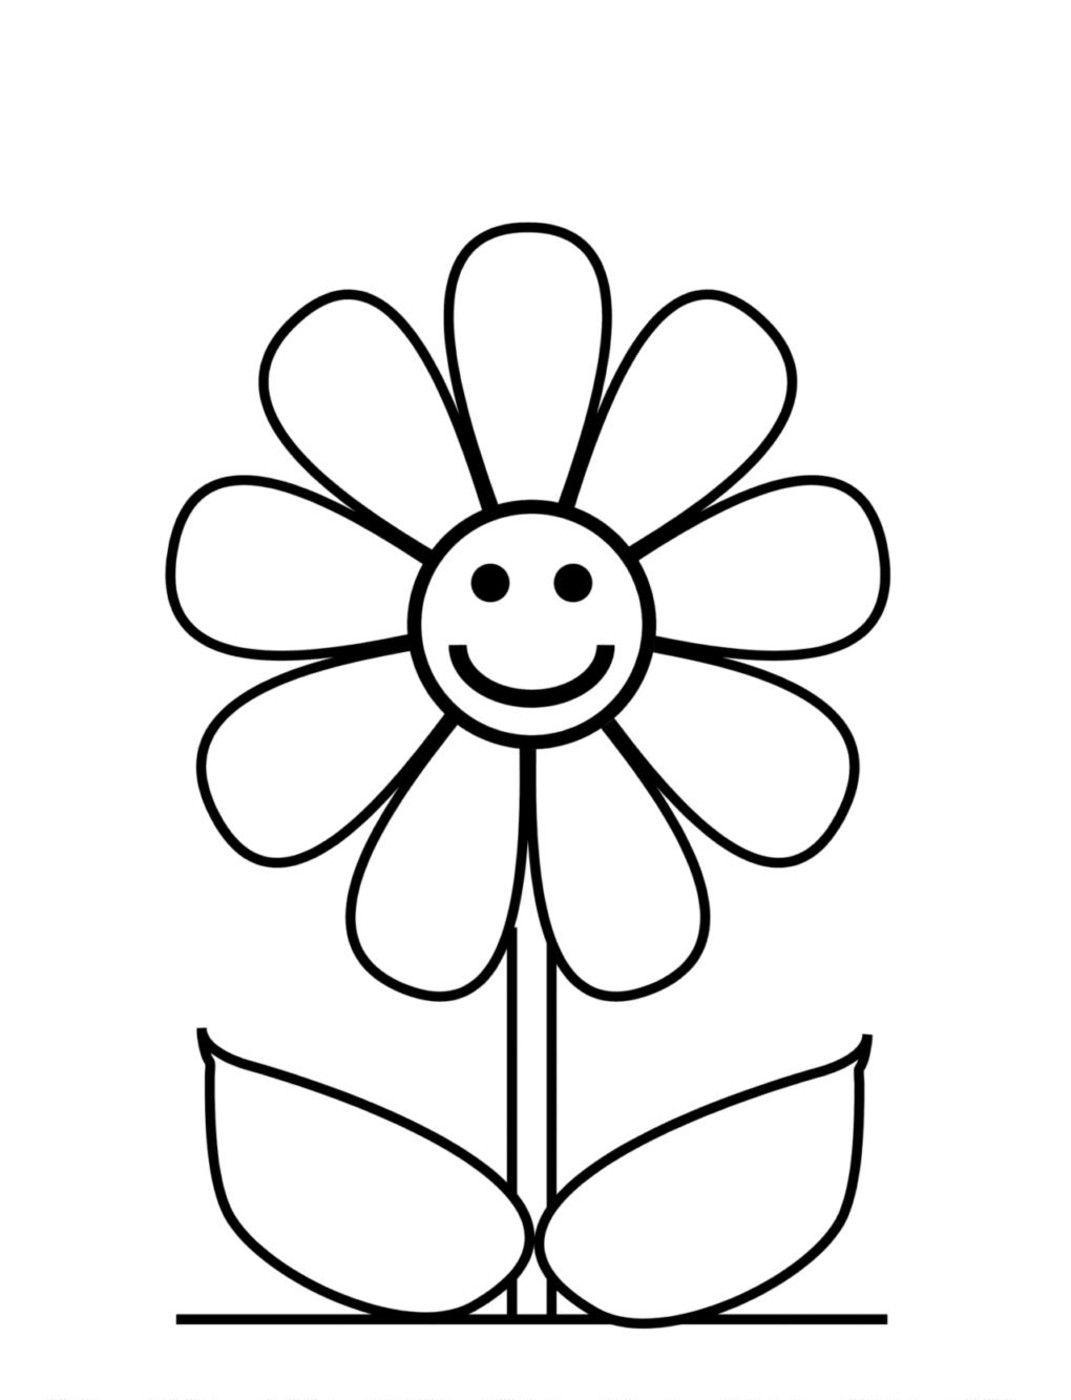 Tranh tô màu hoa đẹp cho bé